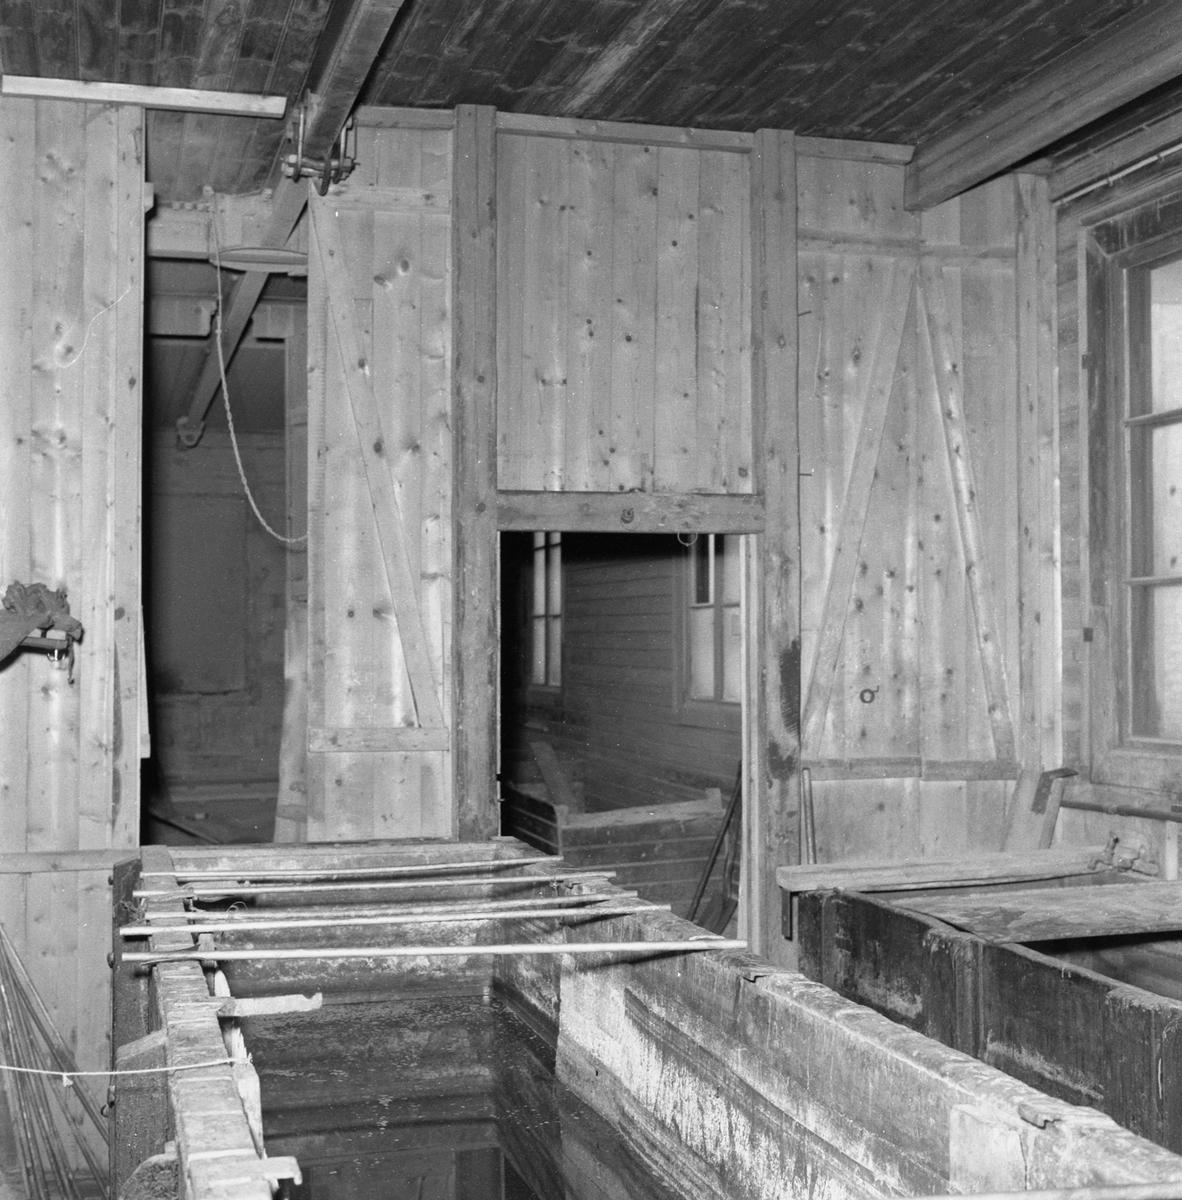 Övrigt: Fotodatum:28/8 1958 Byggnader och Kranar. Skjulet för sandblästring och el.galv ext o int före rivningen